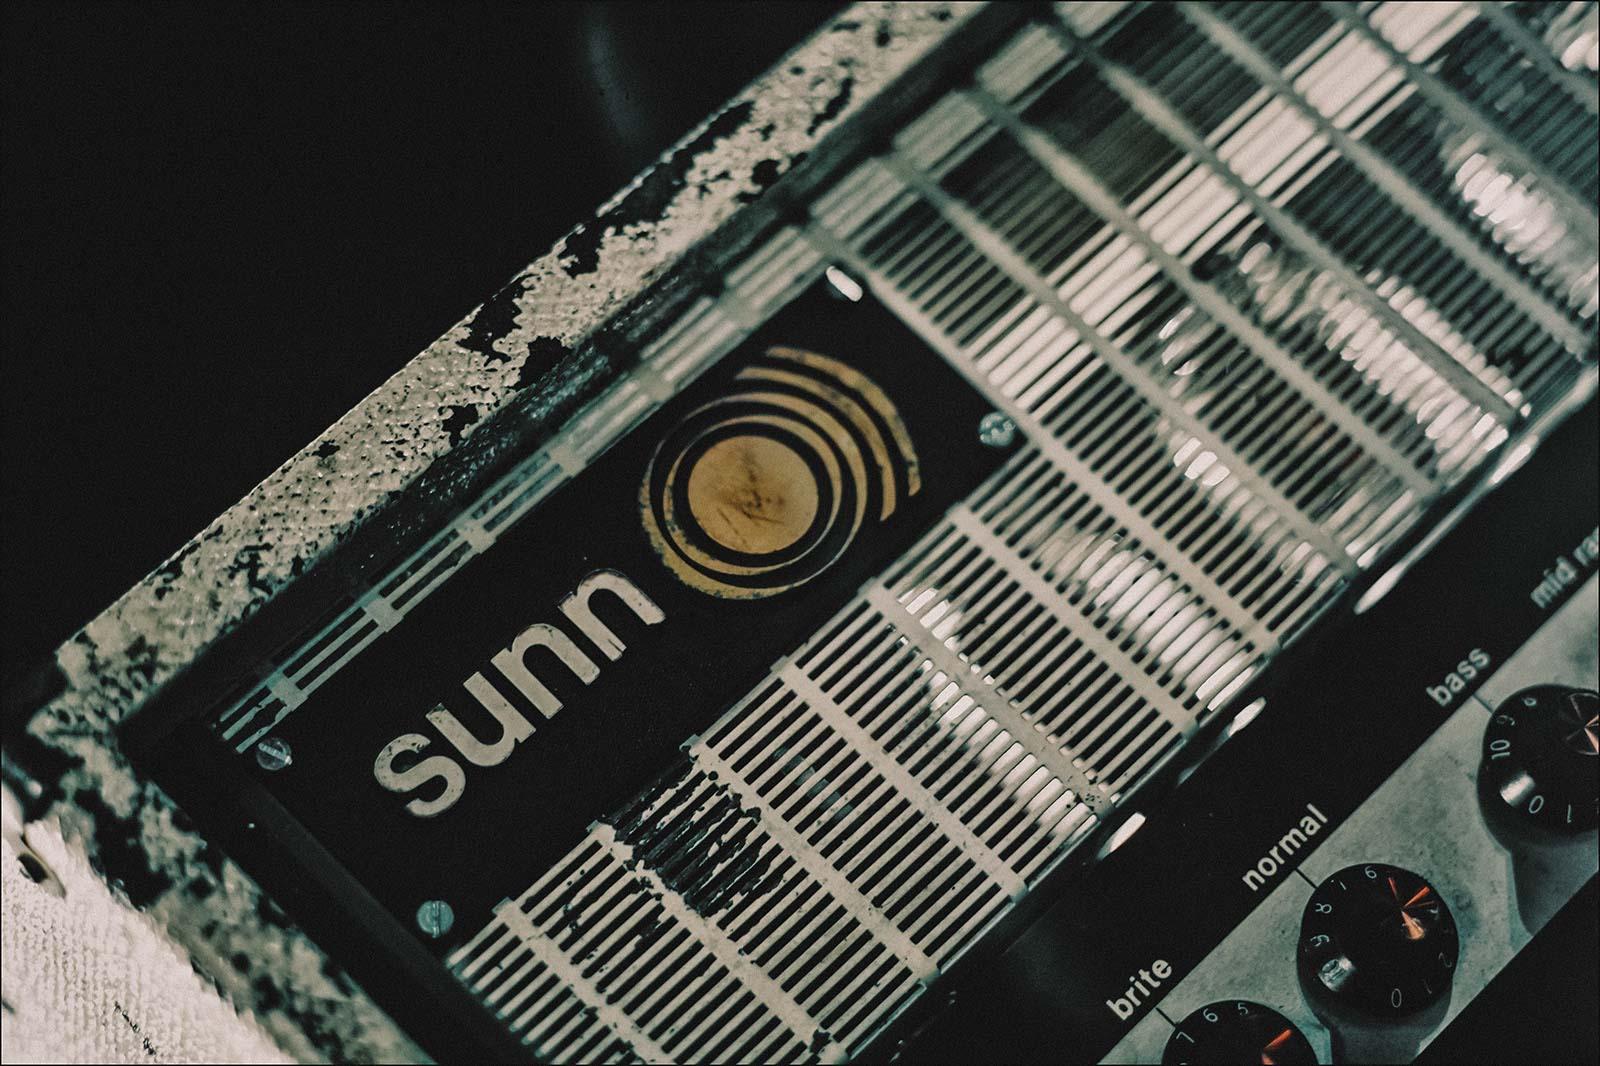 sunn_o_live_button_factory_umack_dublin_2017007.jpg